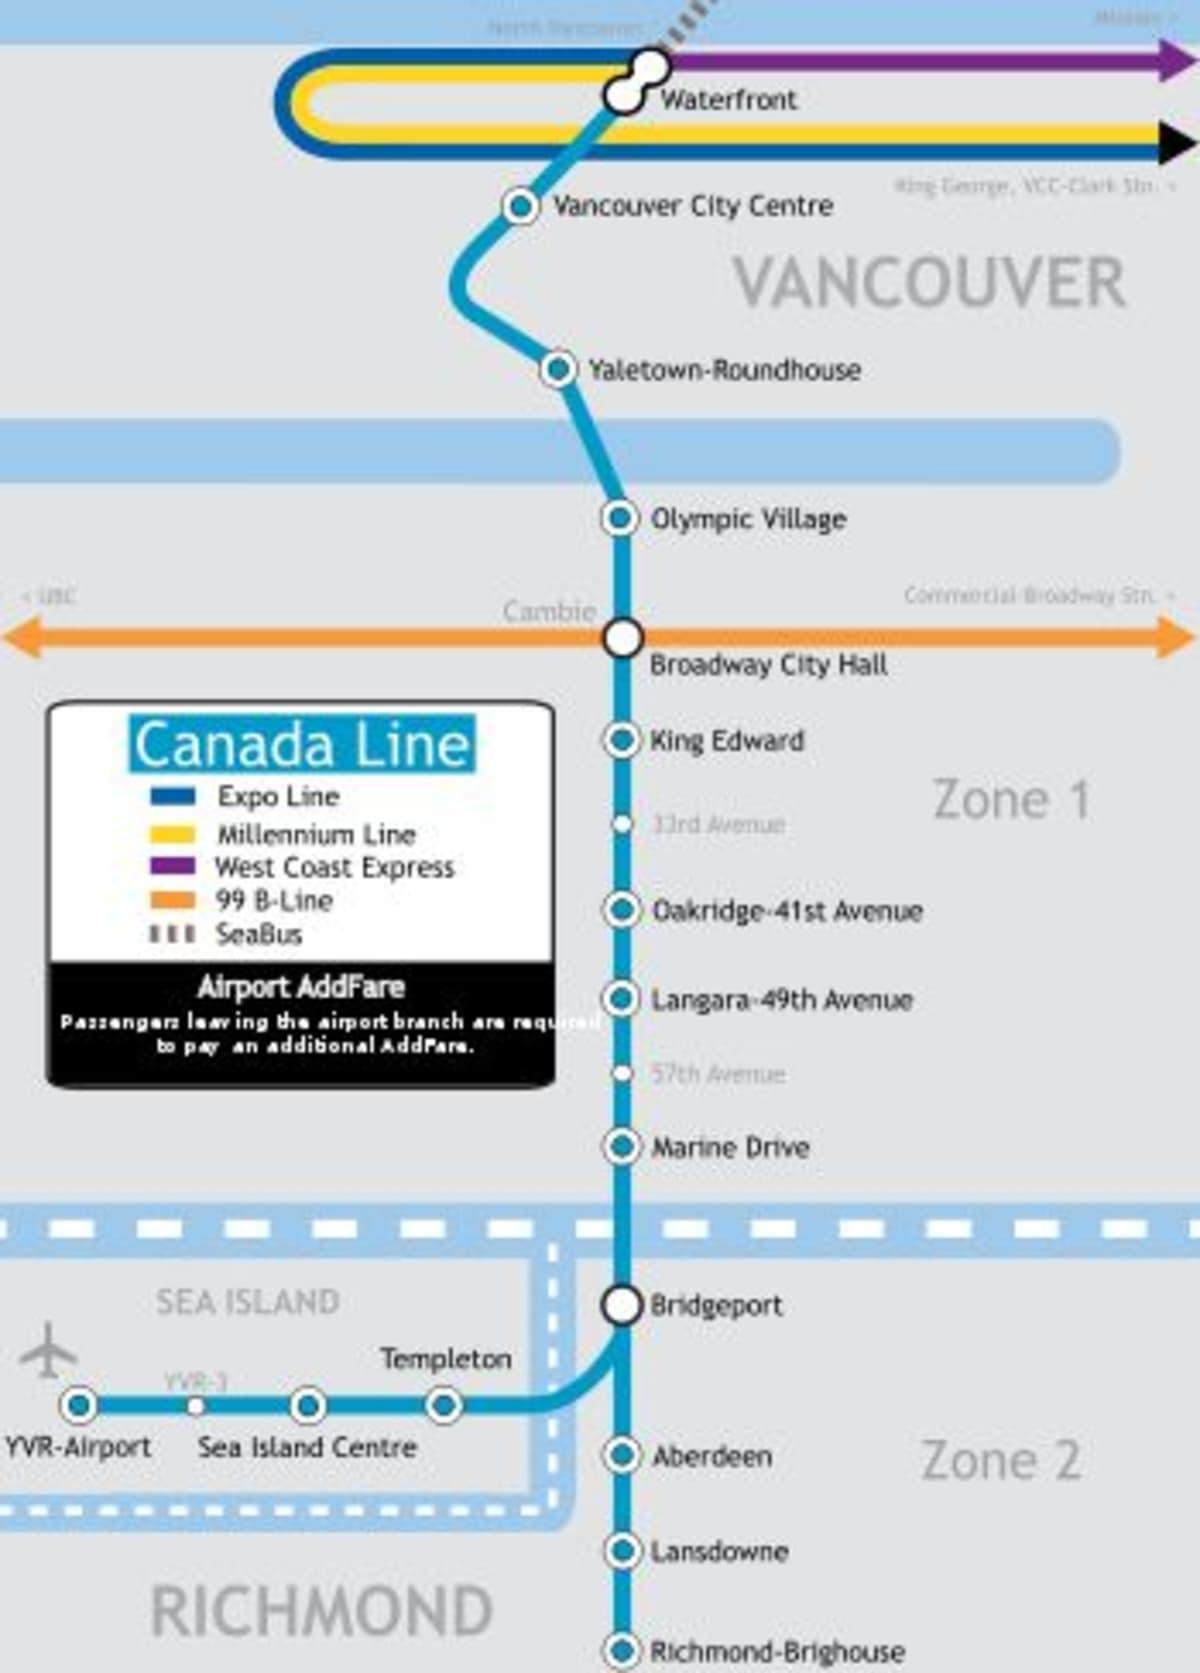 バンクーバー国際空港からクルーズ最寄り駅まではサブウェイのカナダラインがお勧めです。